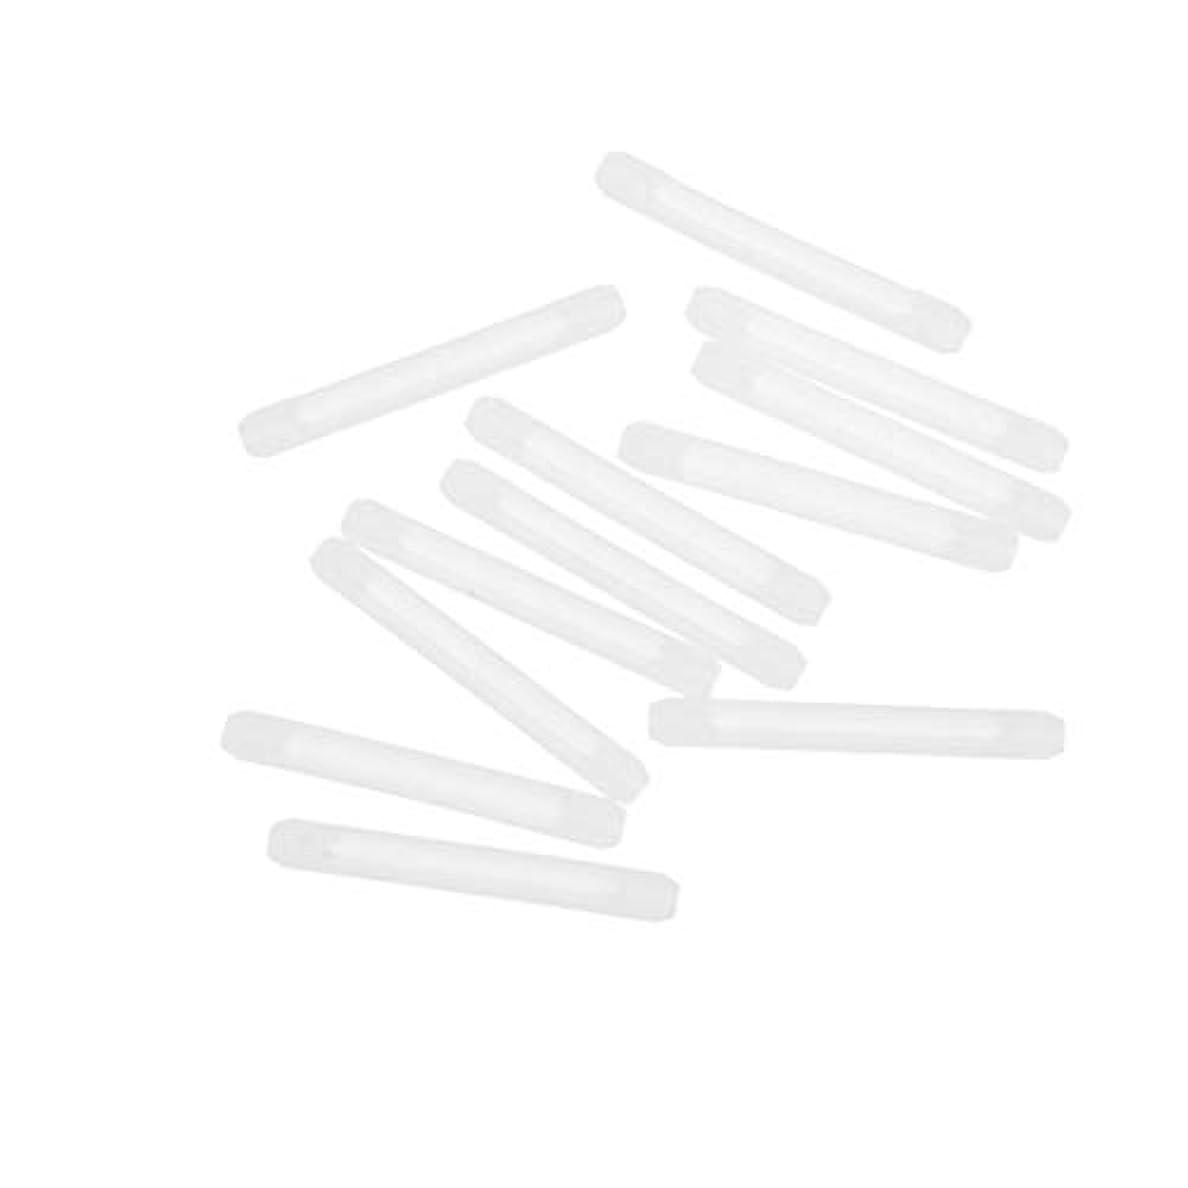 懐鷹ミトンHealifty メガネホルダー滑り止めシリコンメガネアクセサリー20pcs(ホワイト)